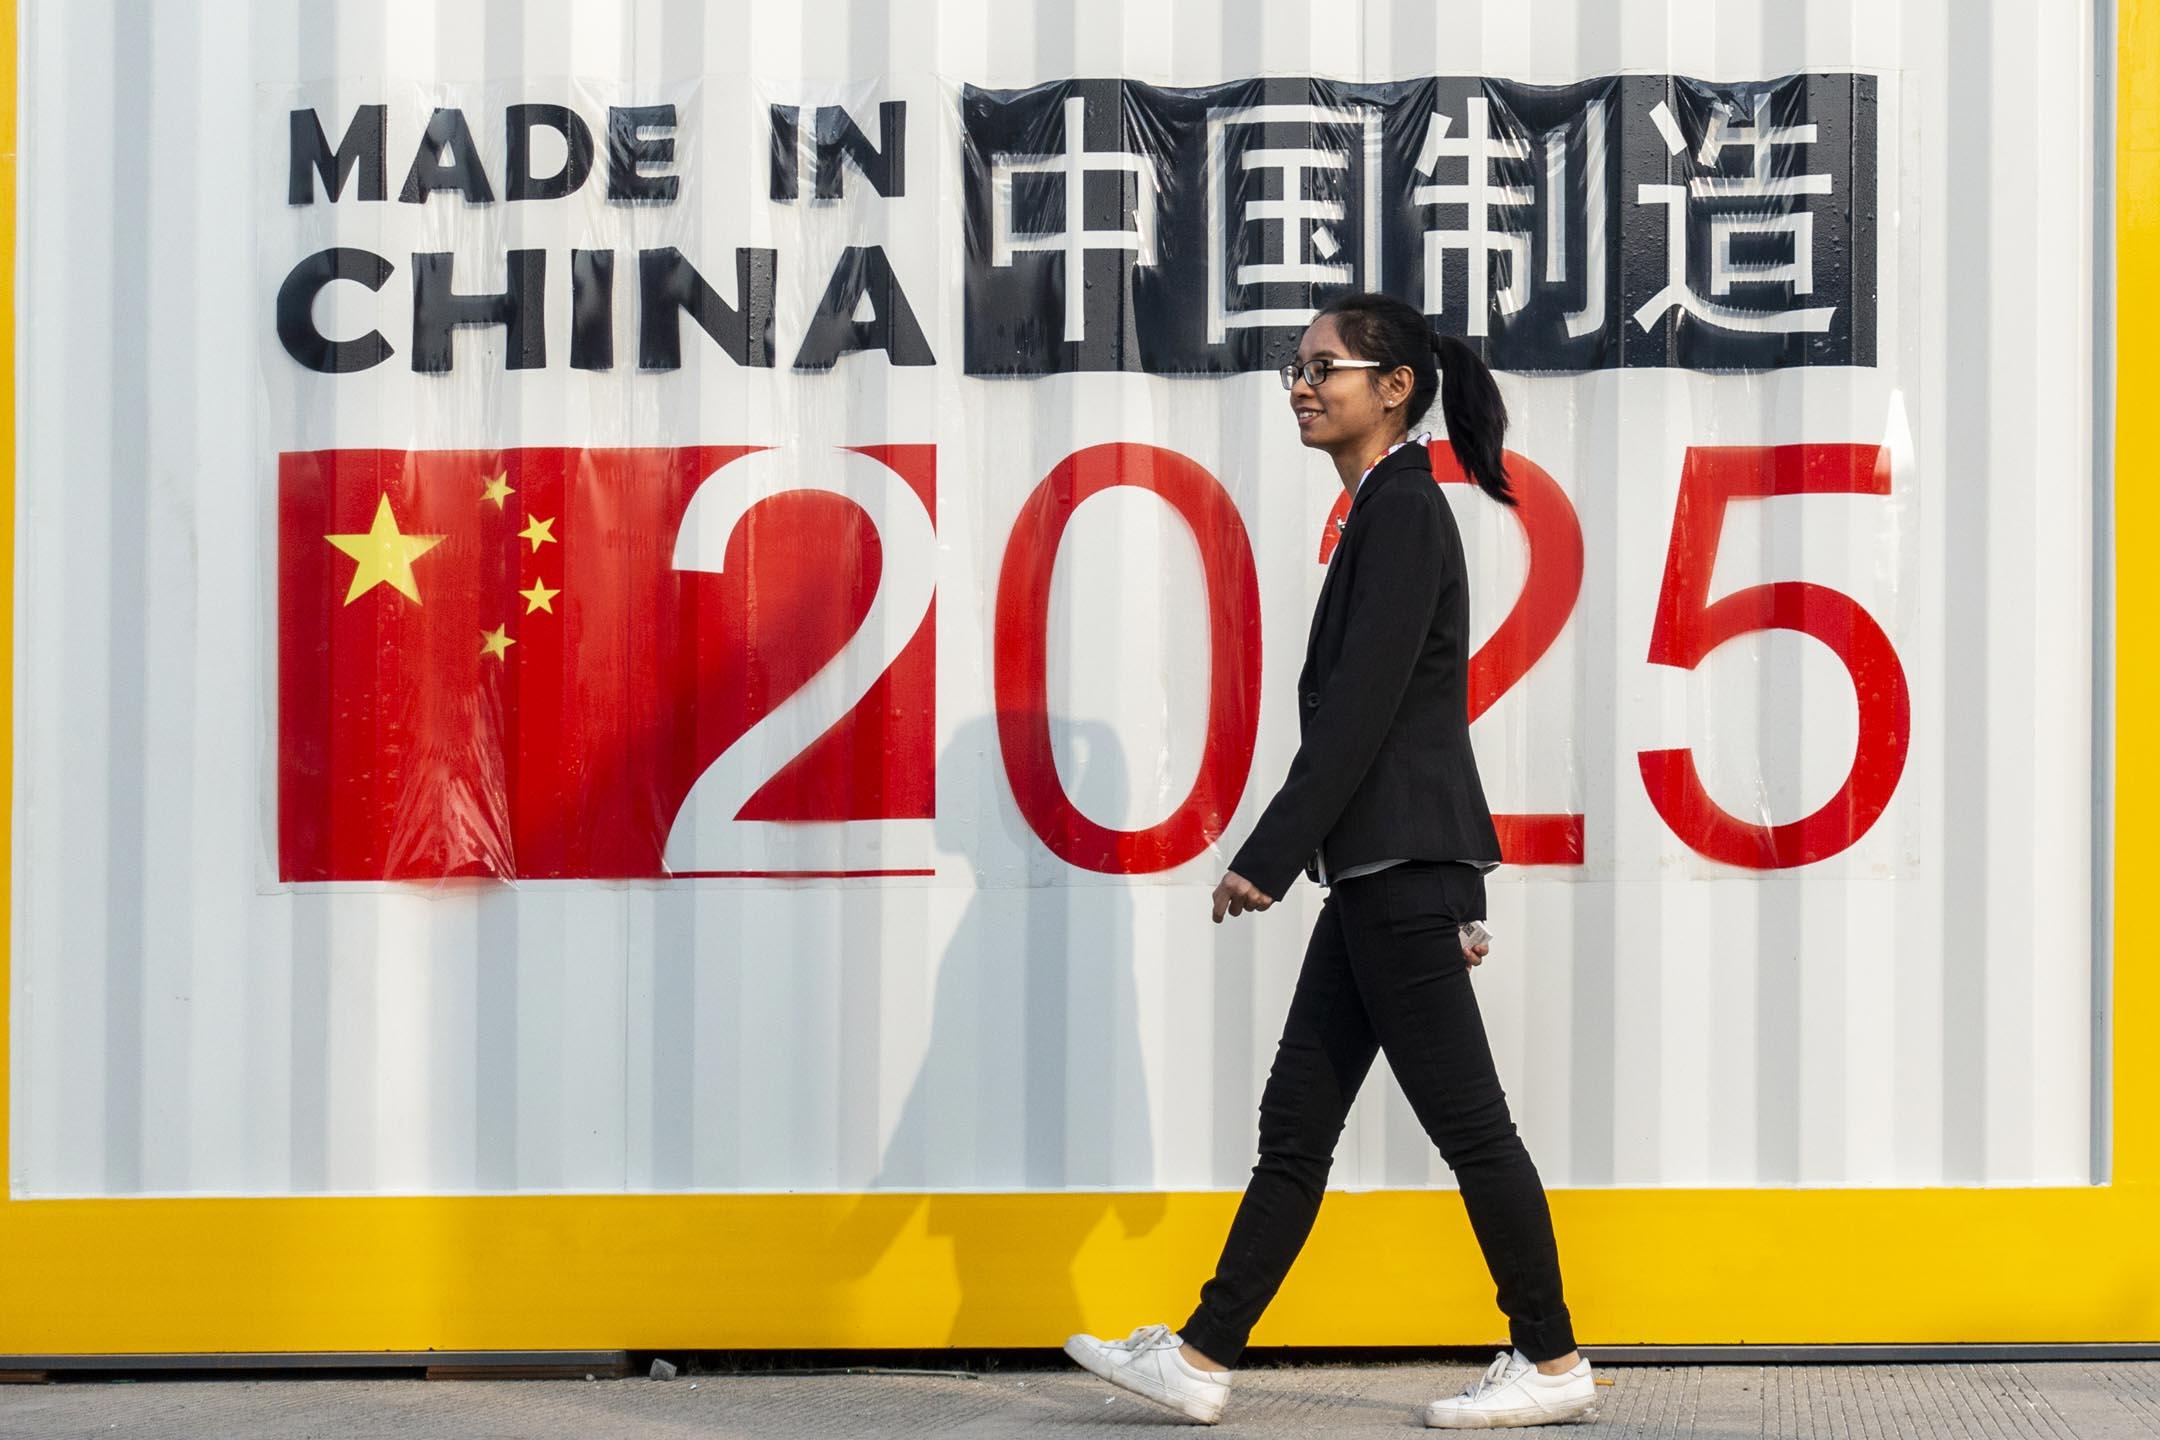 2018年11月29日,上海一個國際機械設備博覽會上,參觀者在印有「中國製造2025」字樣的設備生產企業前路過。 攝:Imagine China